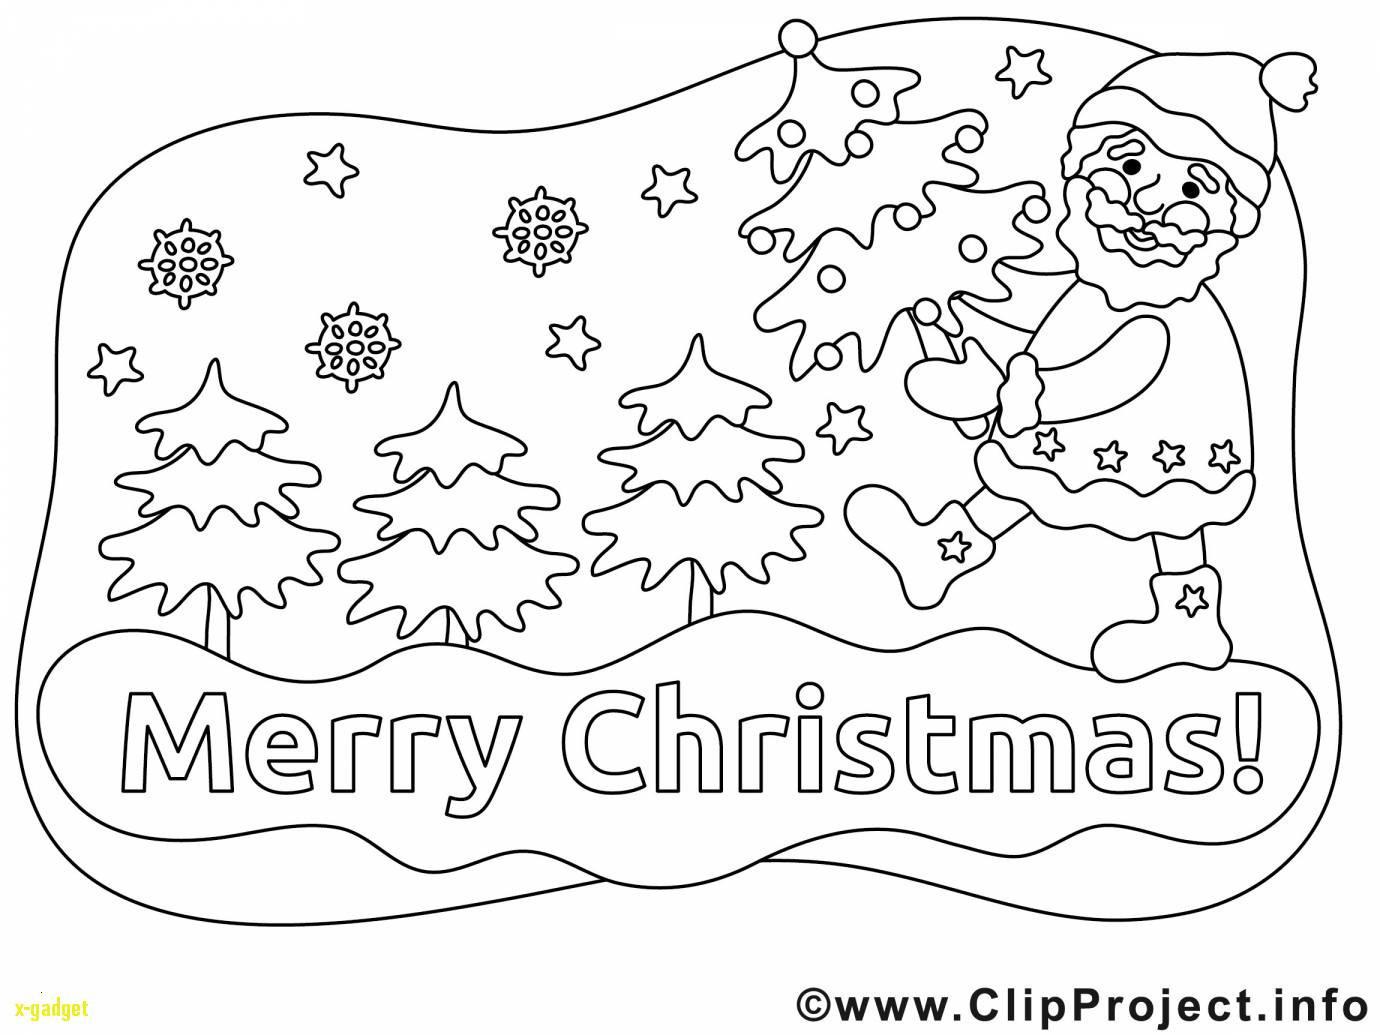 Stern Weihnachten Malvorlage Neu 40 Ninjago Malvorlagen Scoredatscore Genial Malvorlagen Weihnachten Sammlung